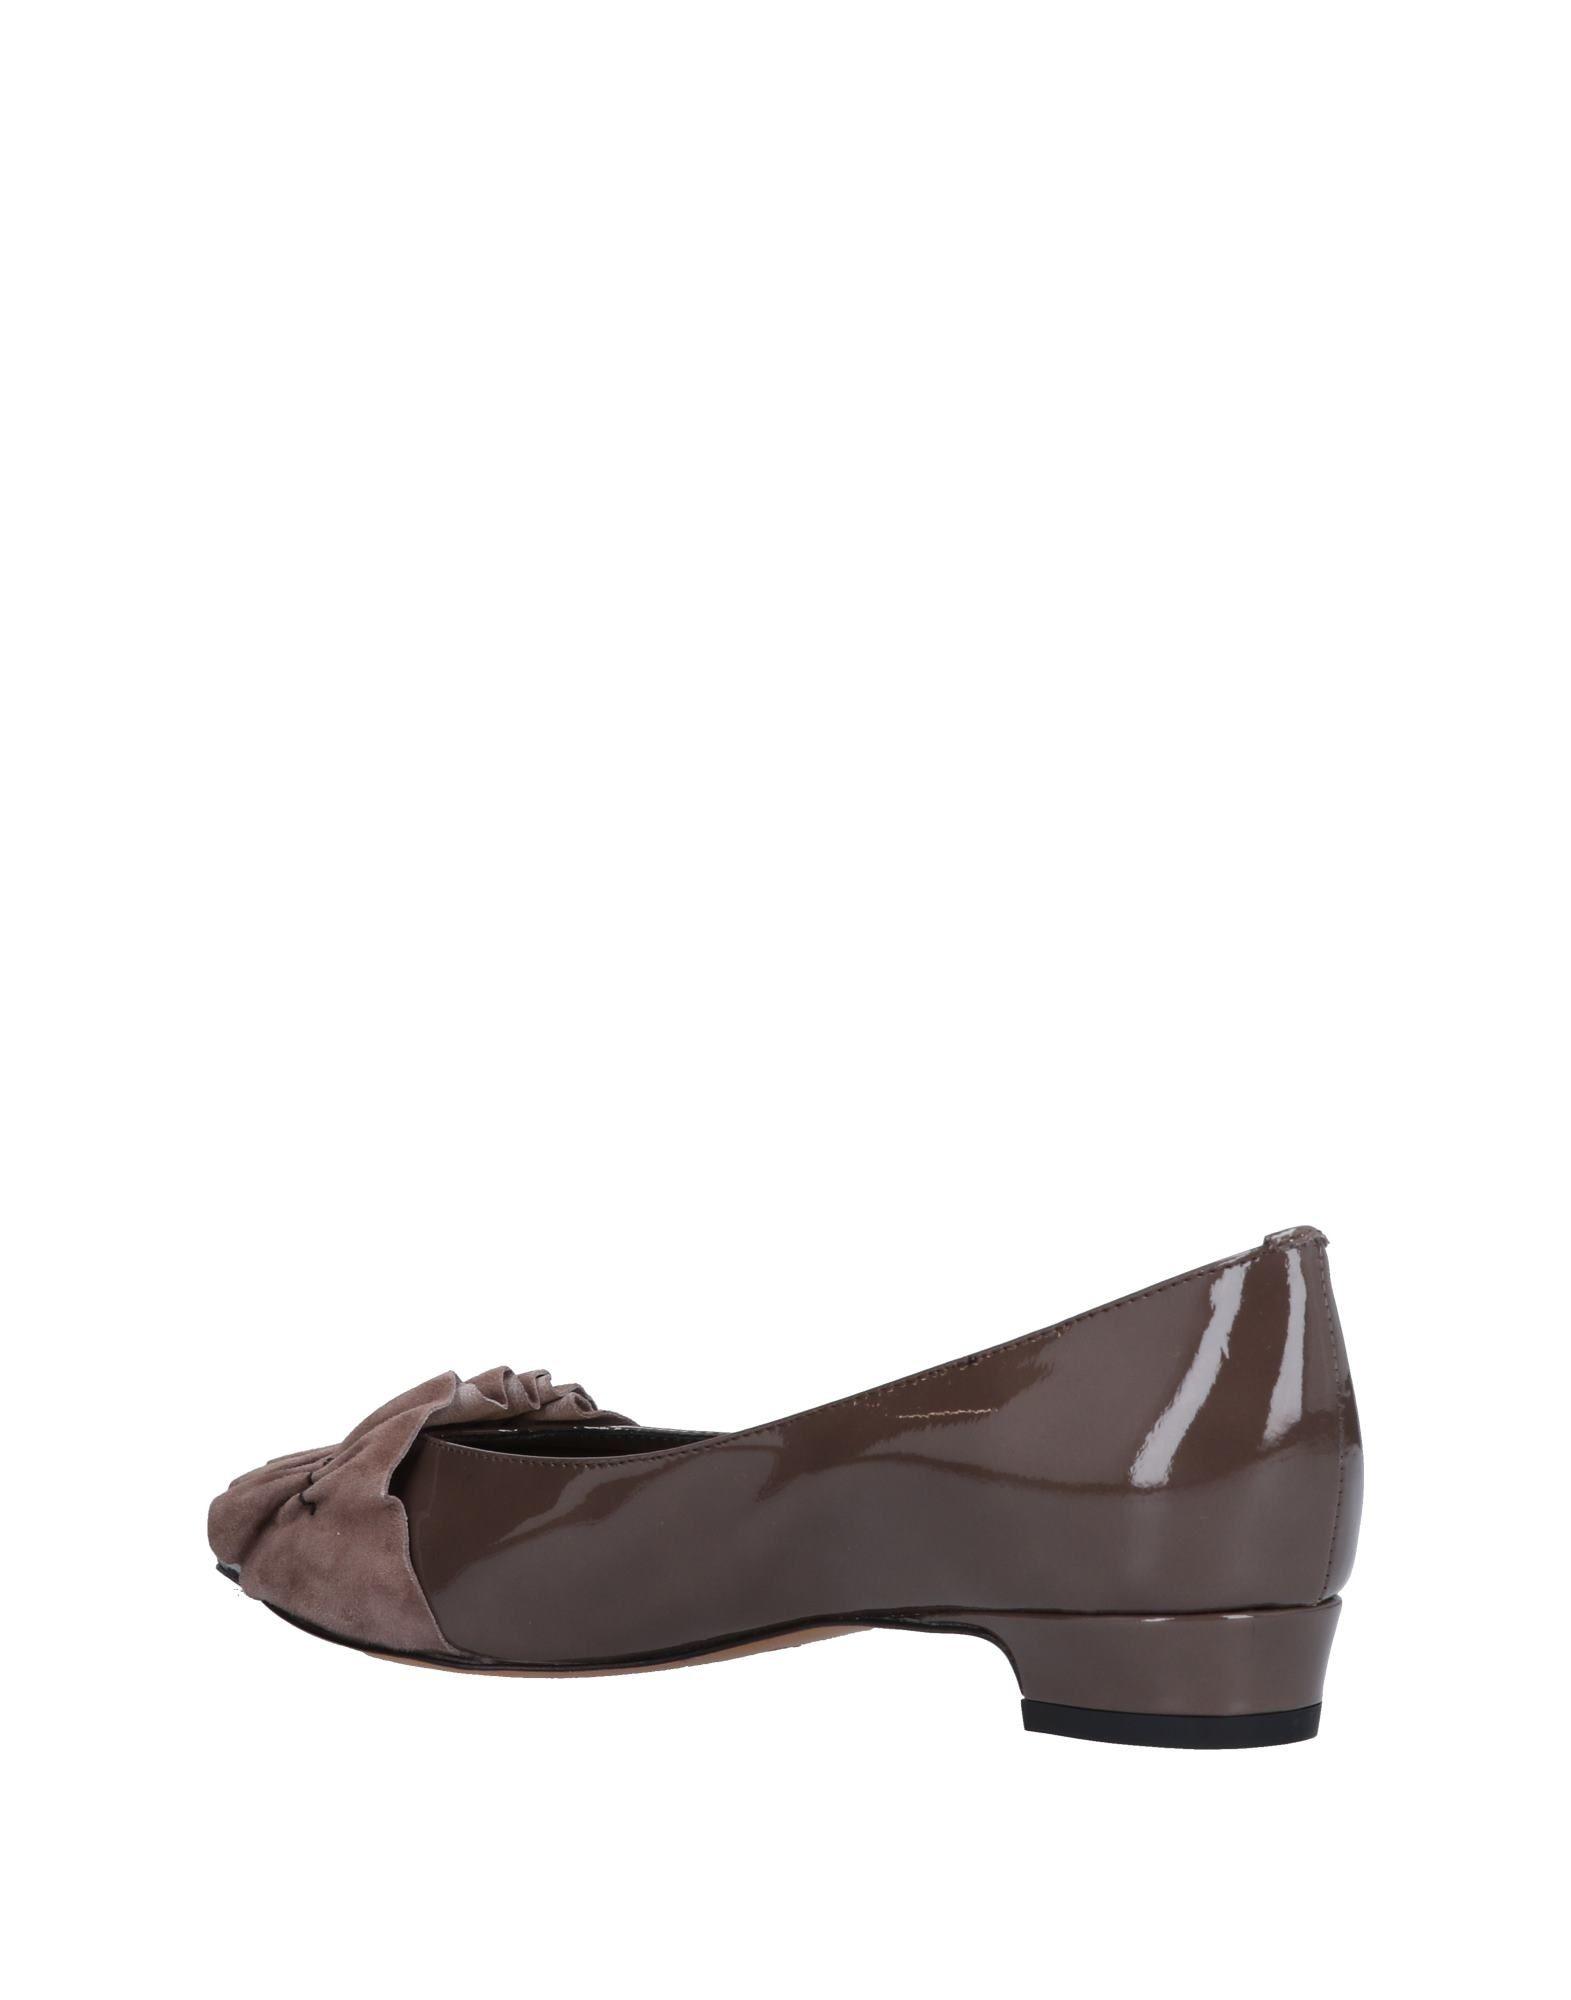 Gut um billige Schuhe Damen zu tragenFabio Rusconi Ballerinas Damen Schuhe  11500075SP 2b028d